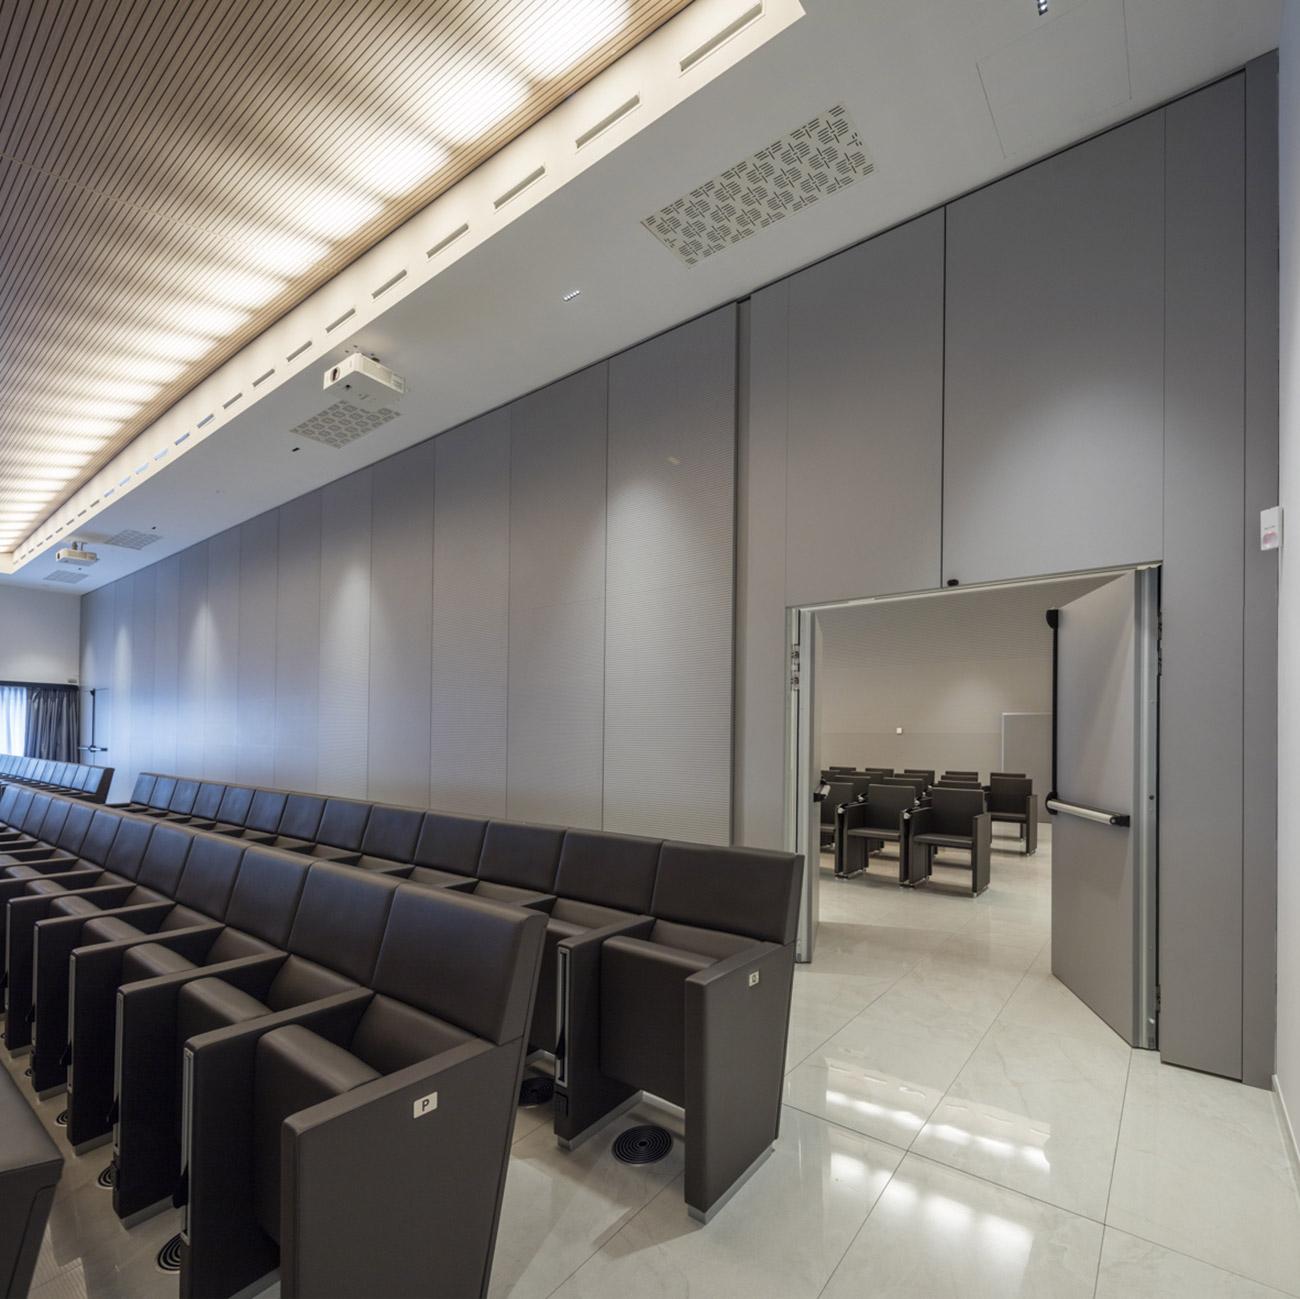 ceflauditorium-imola_studio-tb-ingegneri_14